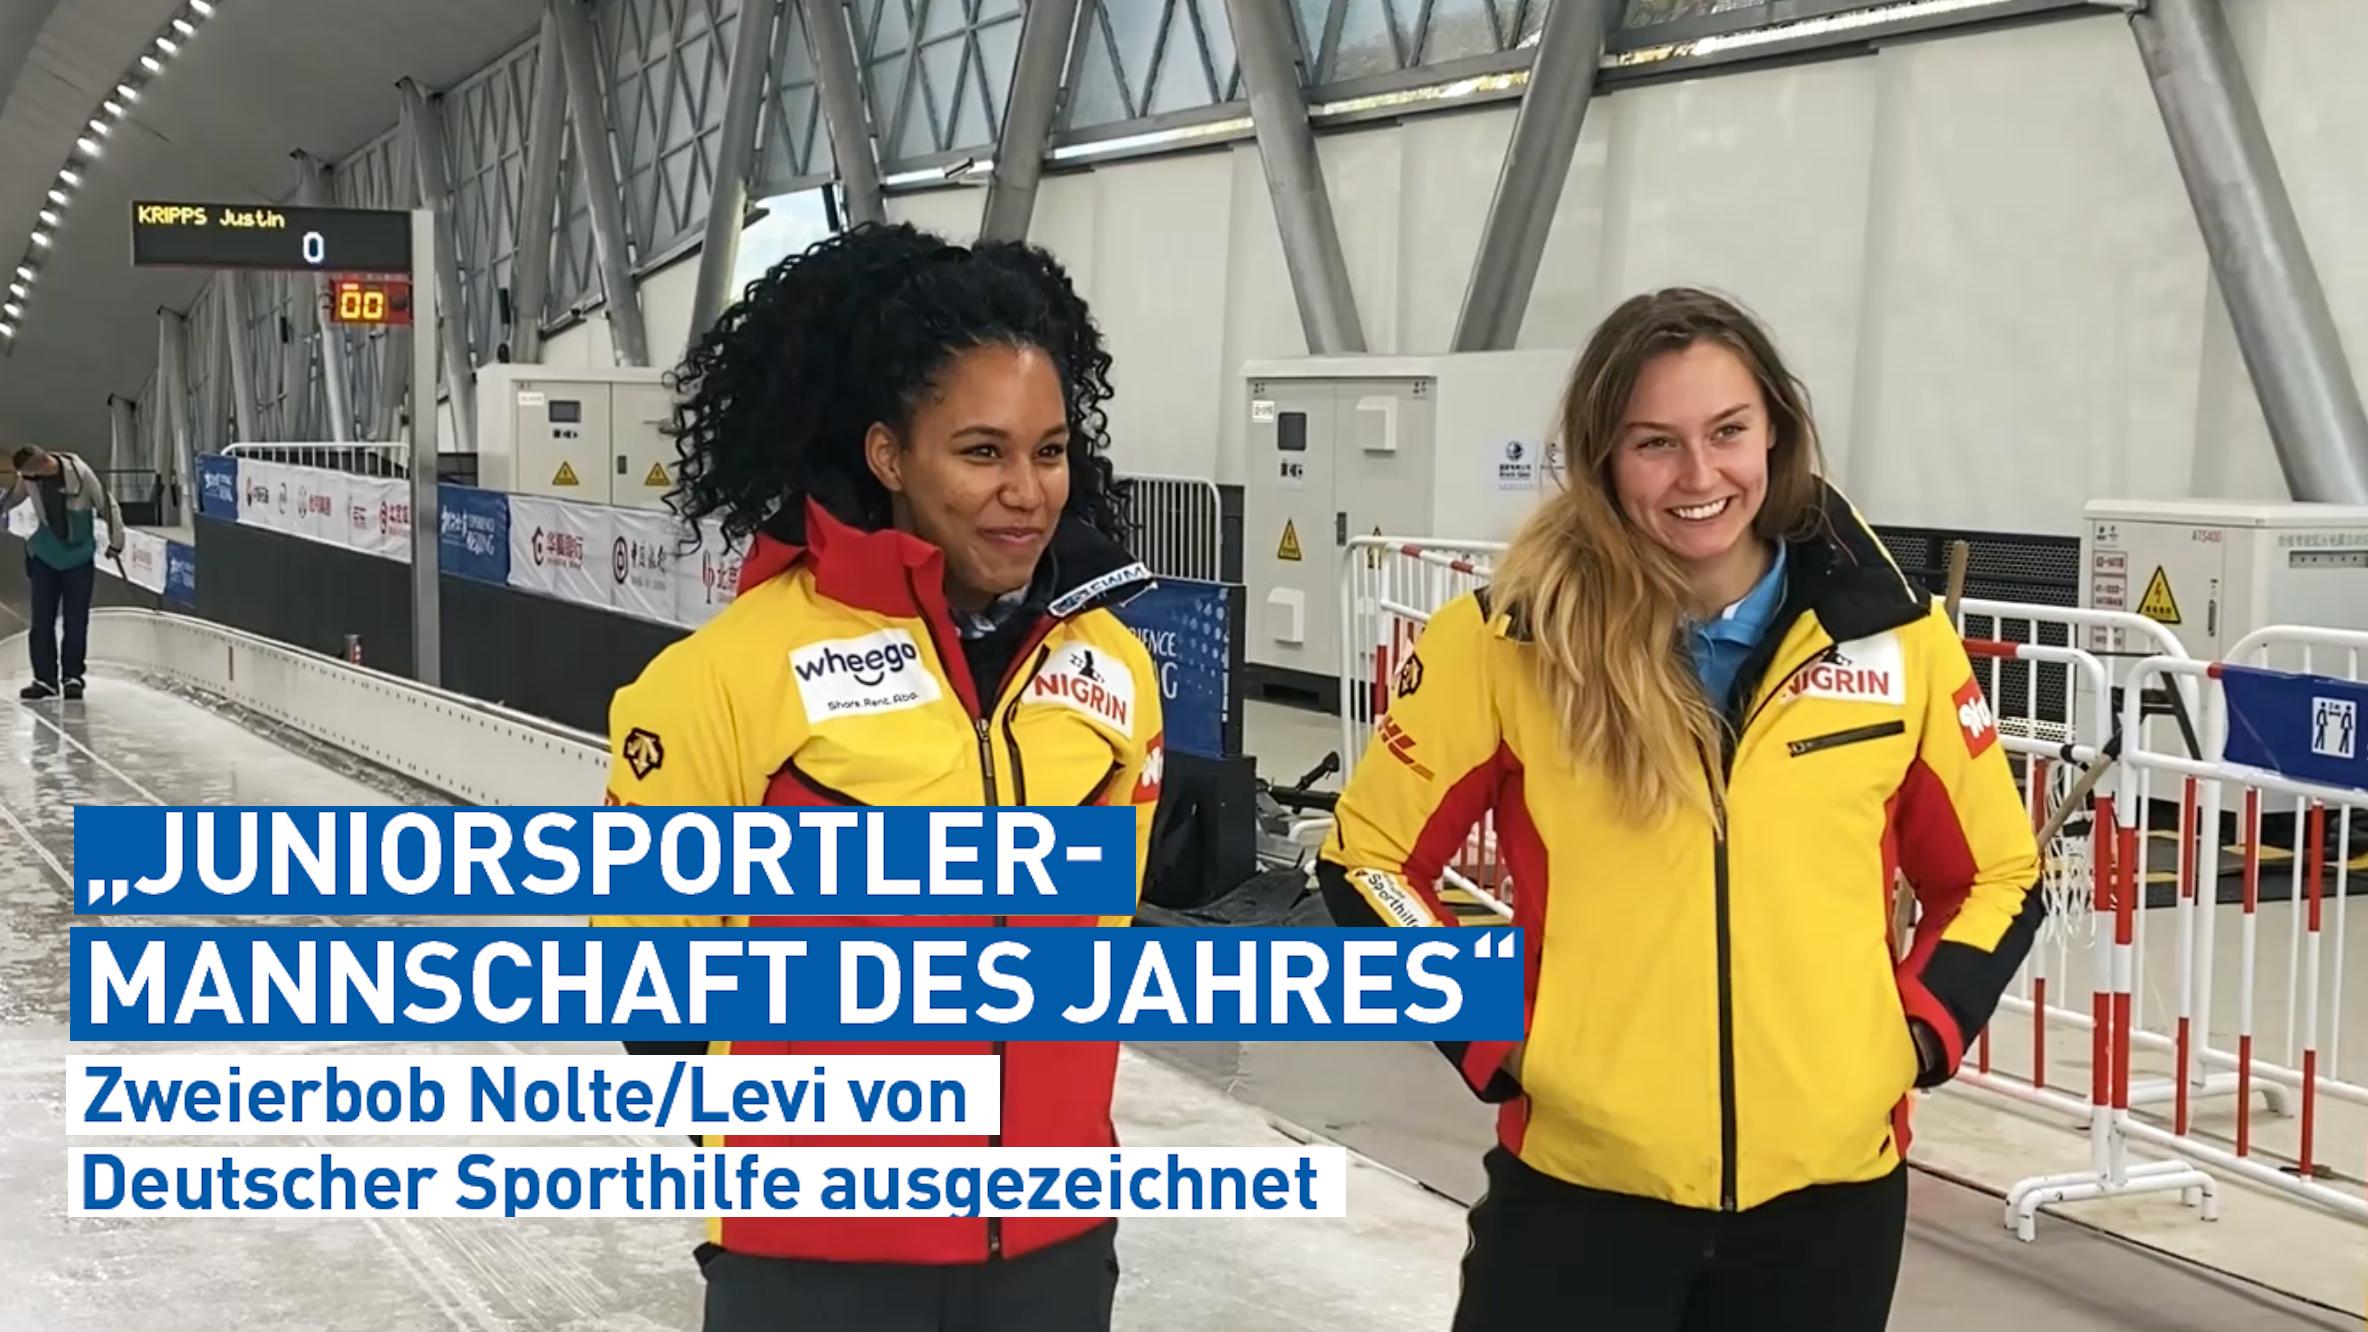 """Zweierbob Nolte/Levi ist """"Juniorsportler-Mannschaft des Jahres"""""""